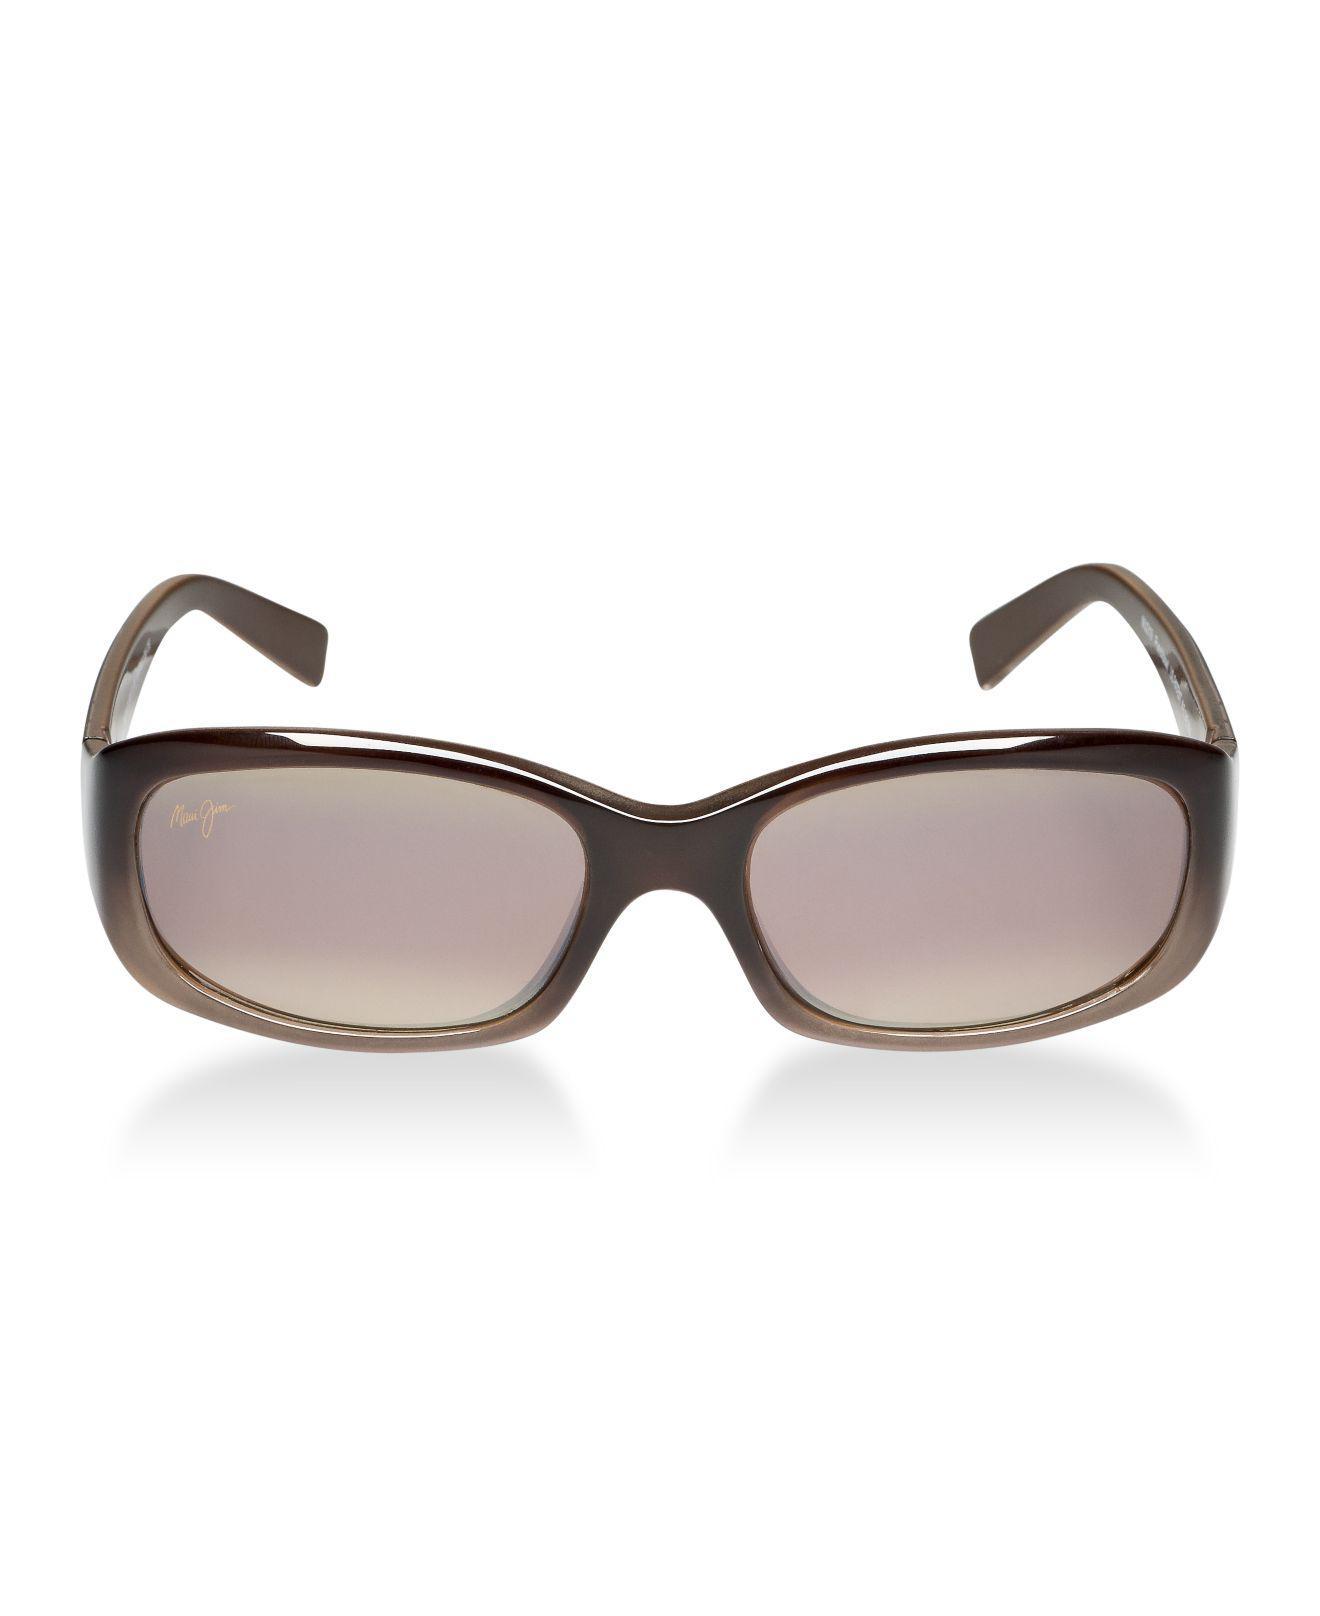 e41cabad84 Lyst - Maui Jim Sunglasses